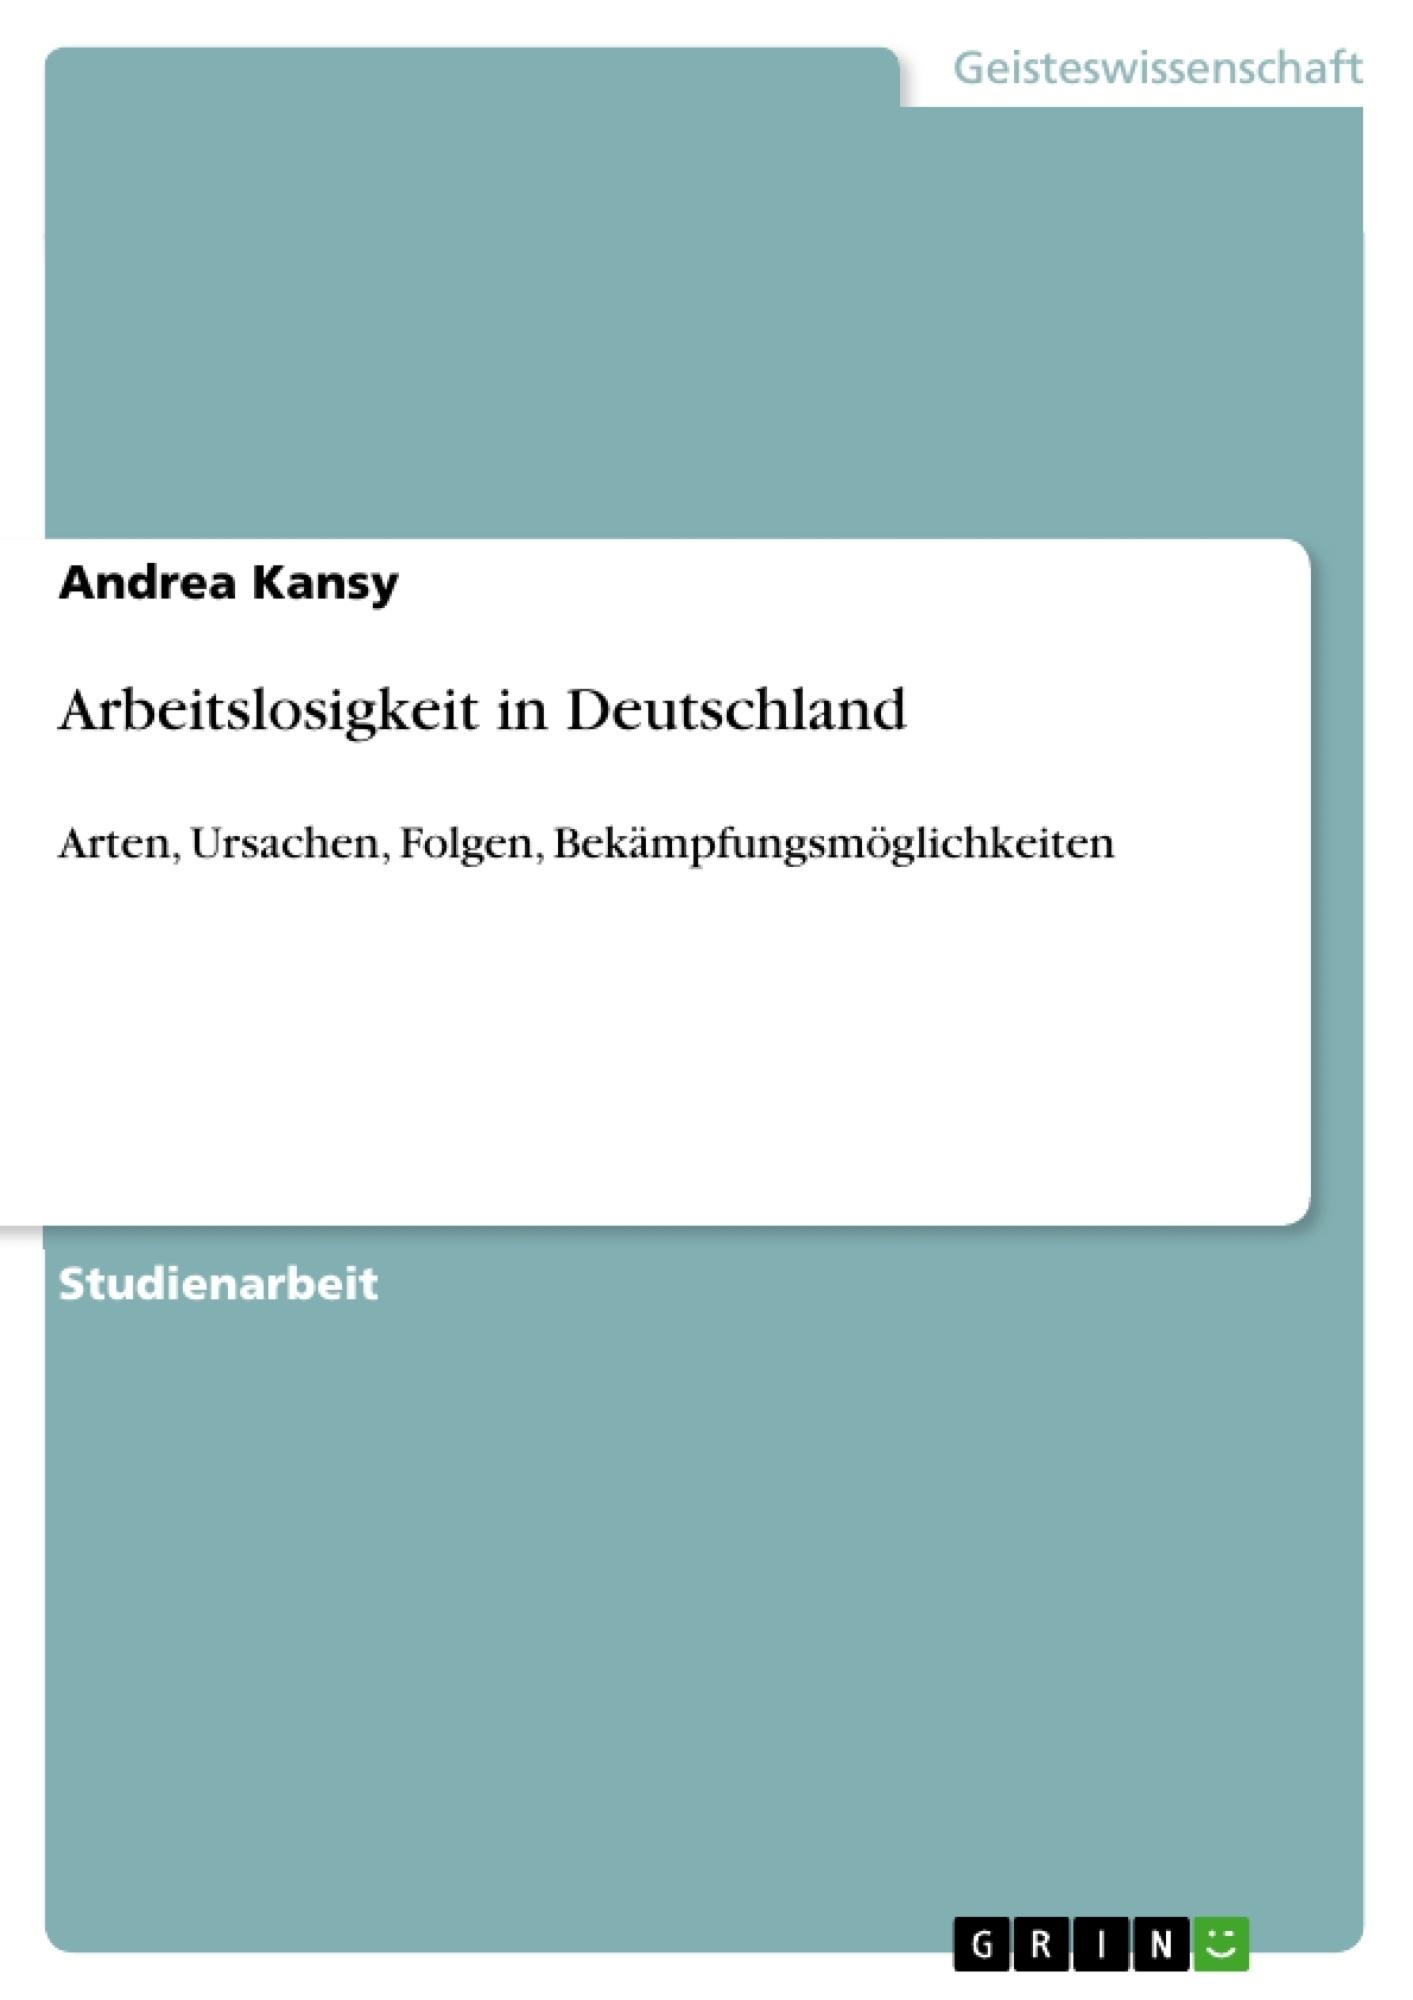 Titel: Arbeitslosigkeit in Deutschland